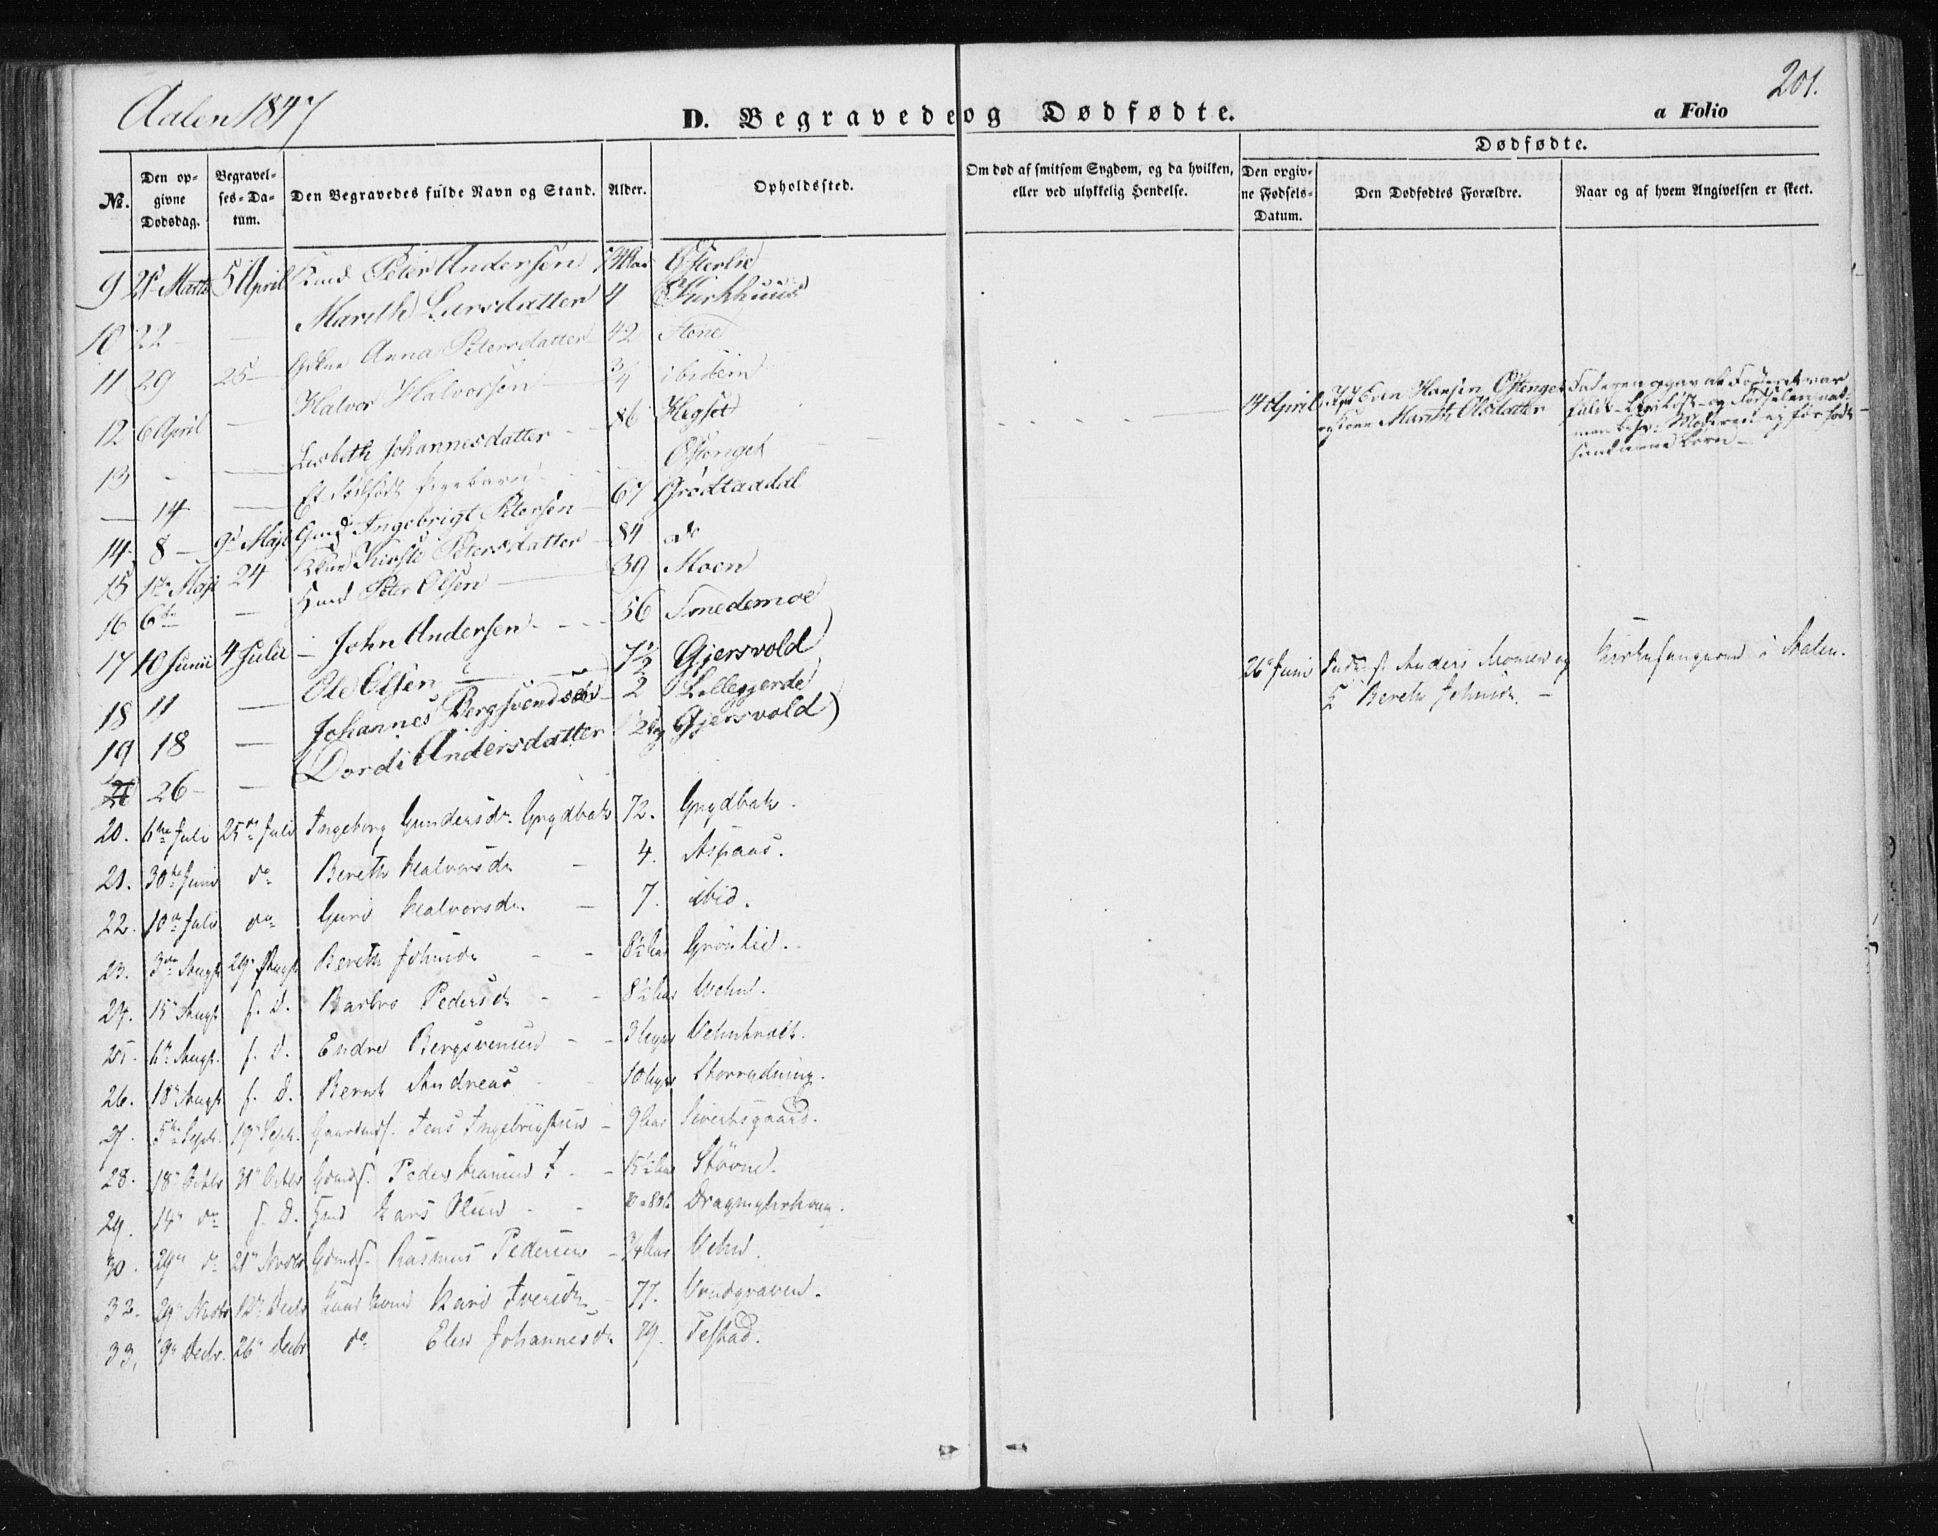 SAT, Ministerialprotokoller, klokkerbøker og fødselsregistre - Sør-Trøndelag, 685/L0965: Ministerialbok nr. 685A06 /3, 1846-1859, s. 201